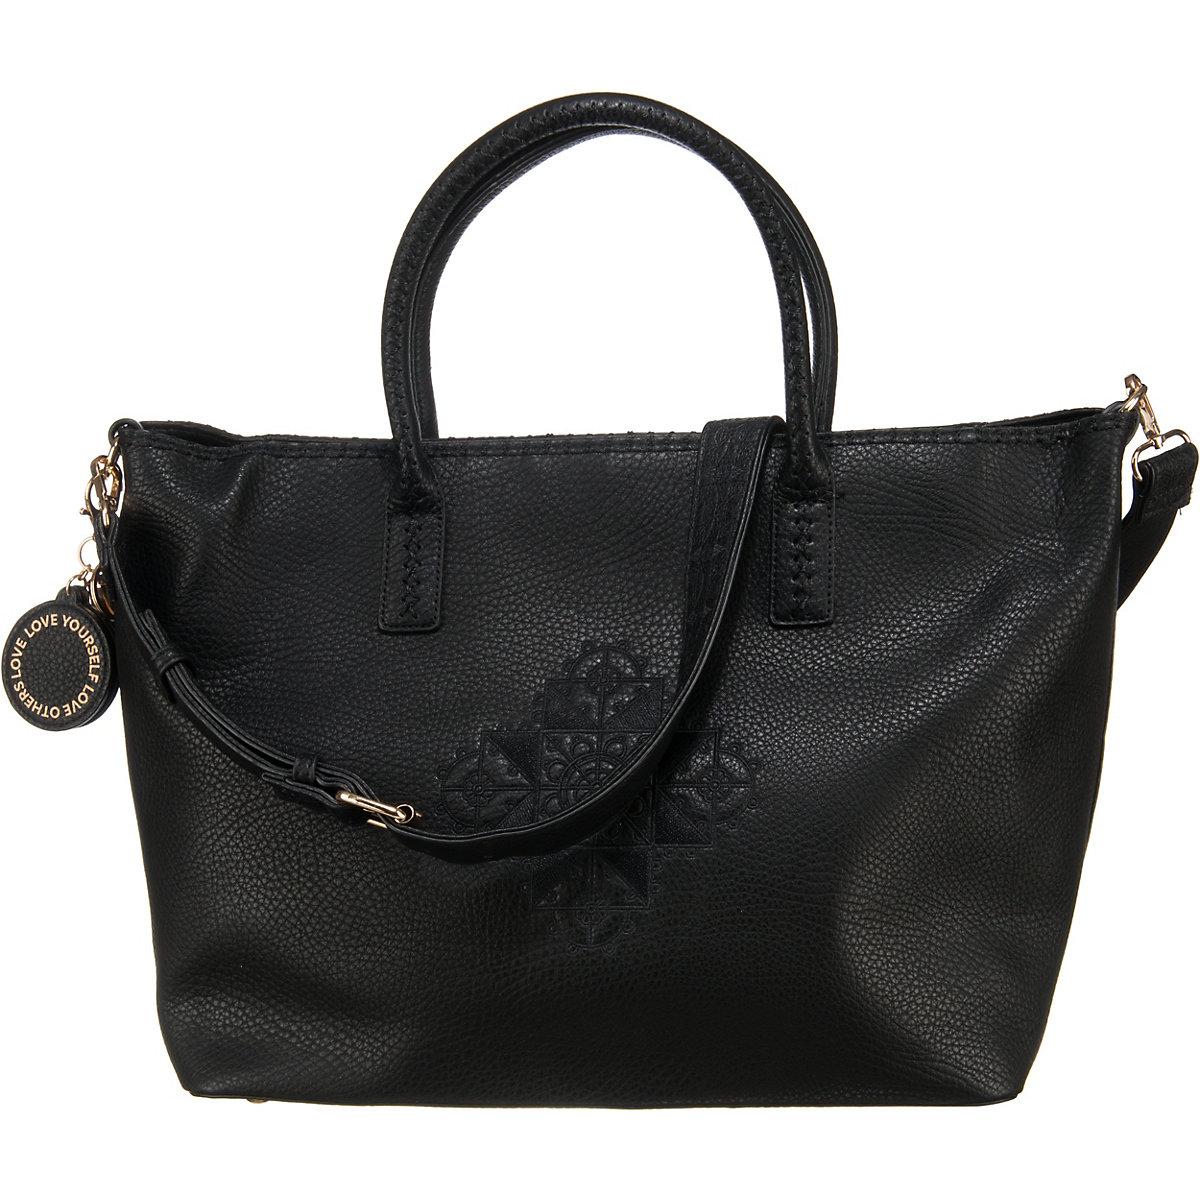 Desigual, Handtasche, schwarz